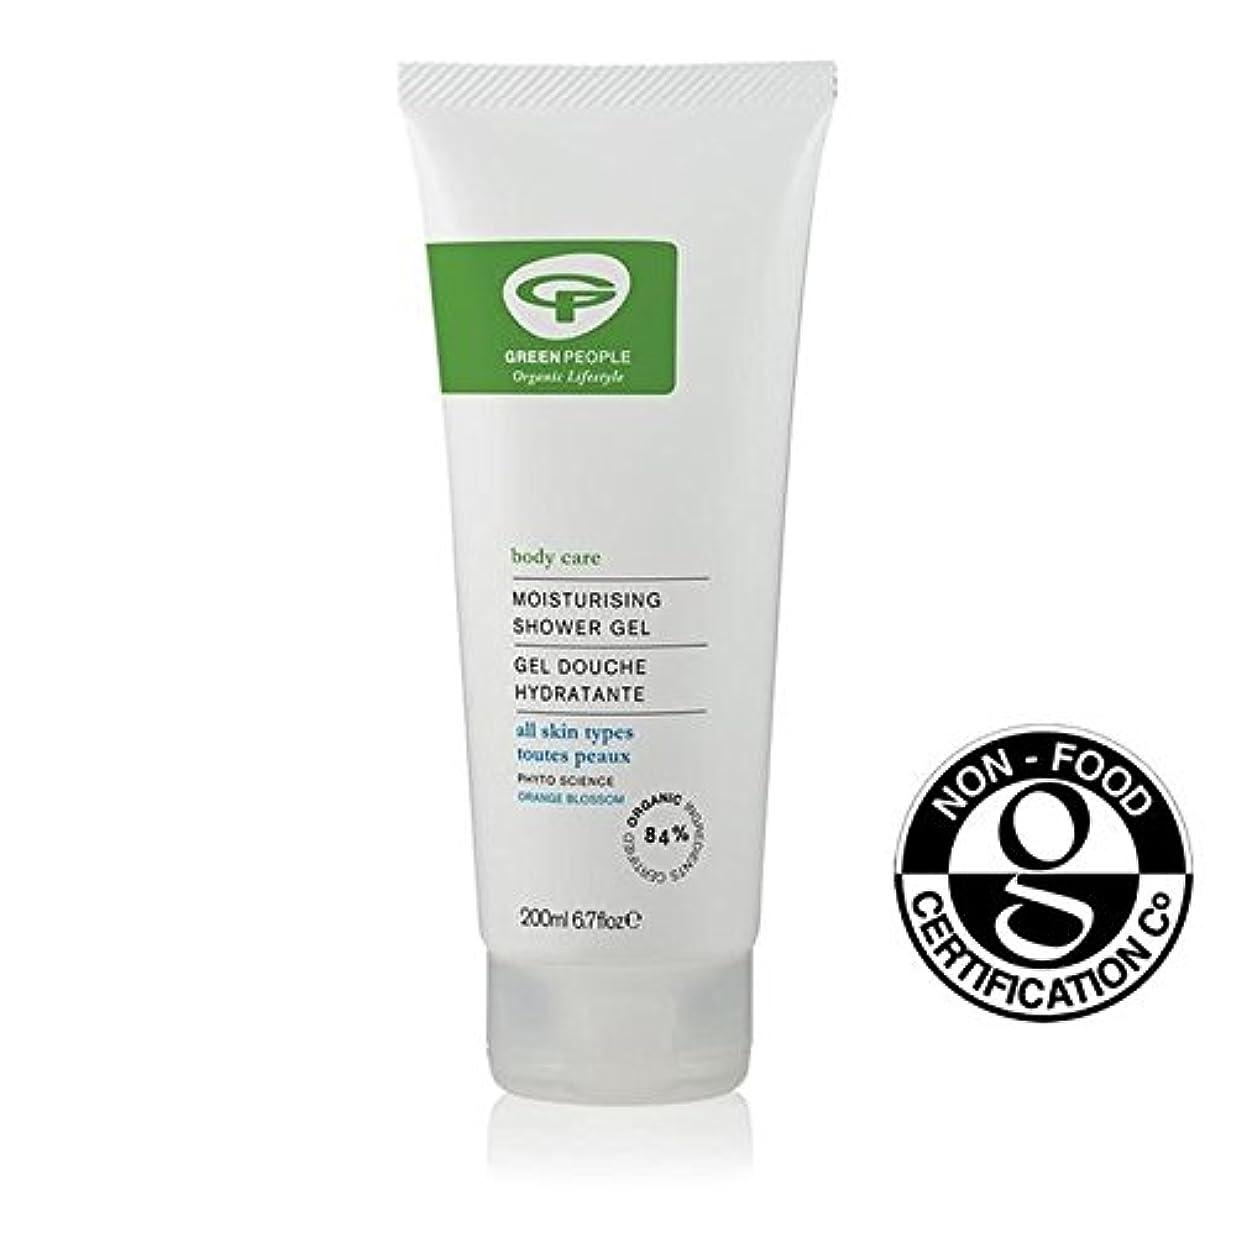 困惑するバトル速記Green People Organic Moisturising Shower Gel 200ml - 緑の人々の有機保湿シャワージェル200 [並行輸入品]